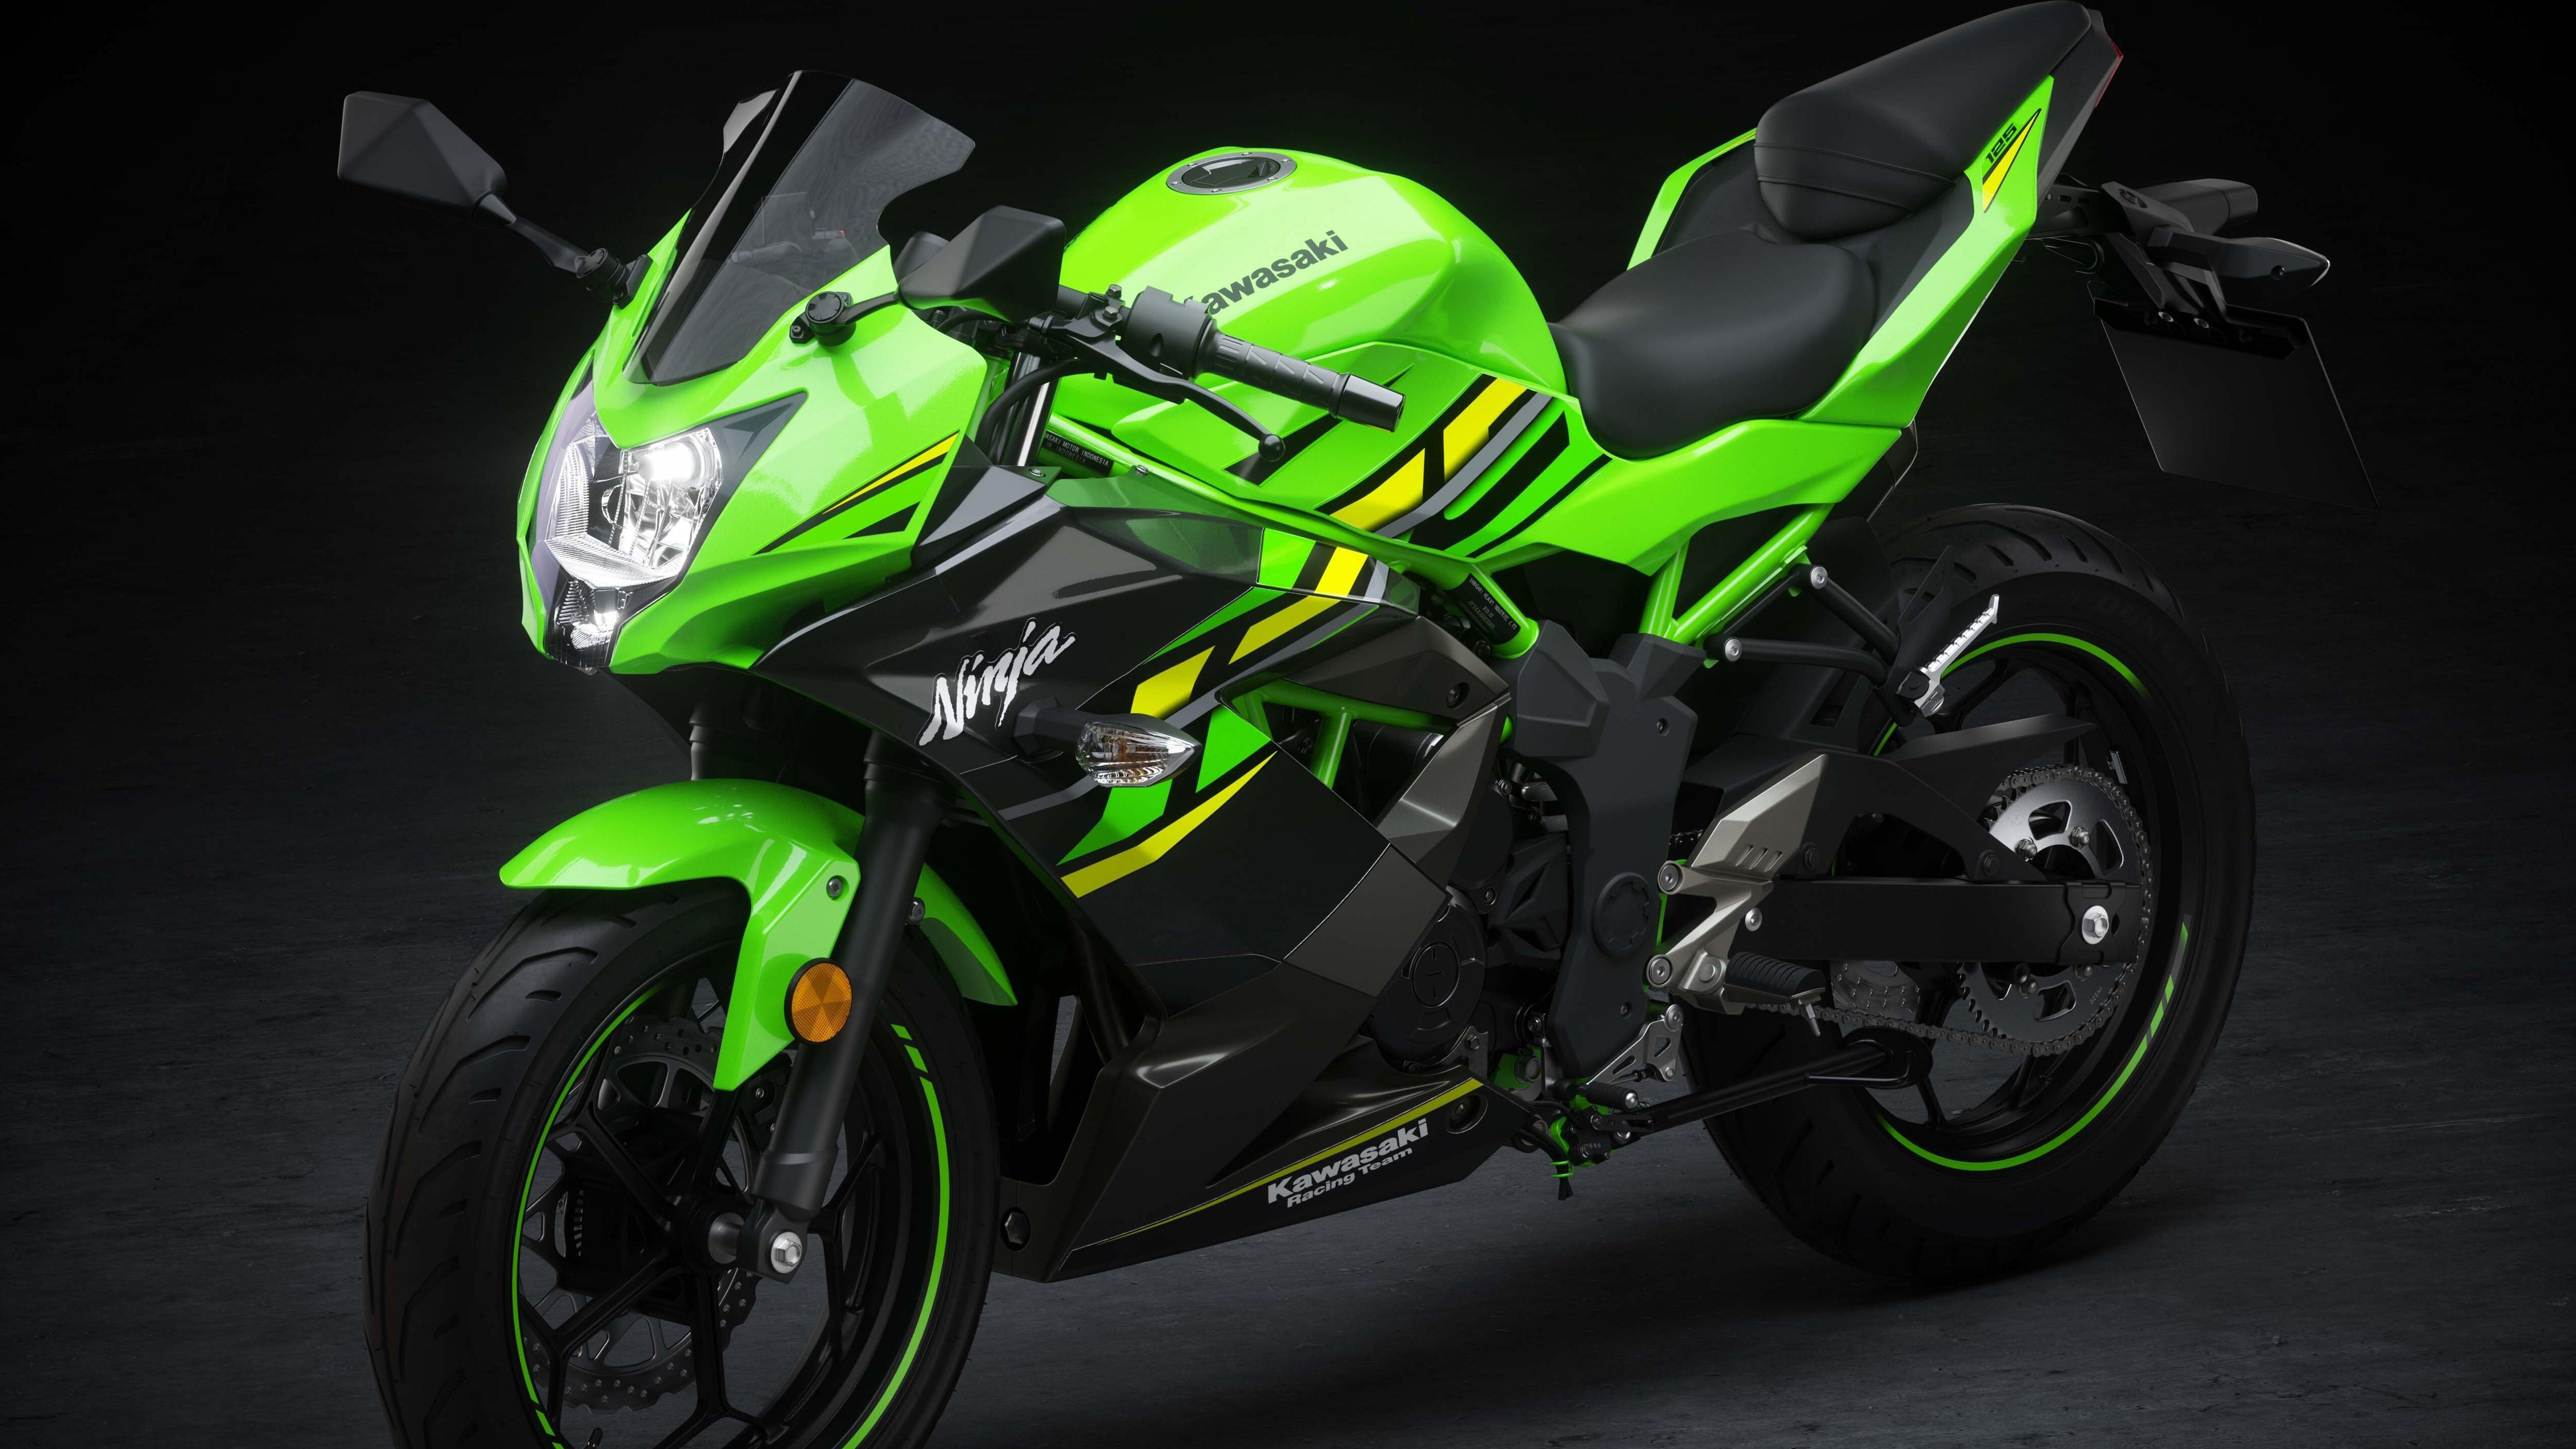 2019 Bike Kawasaki Ninja 125 5K